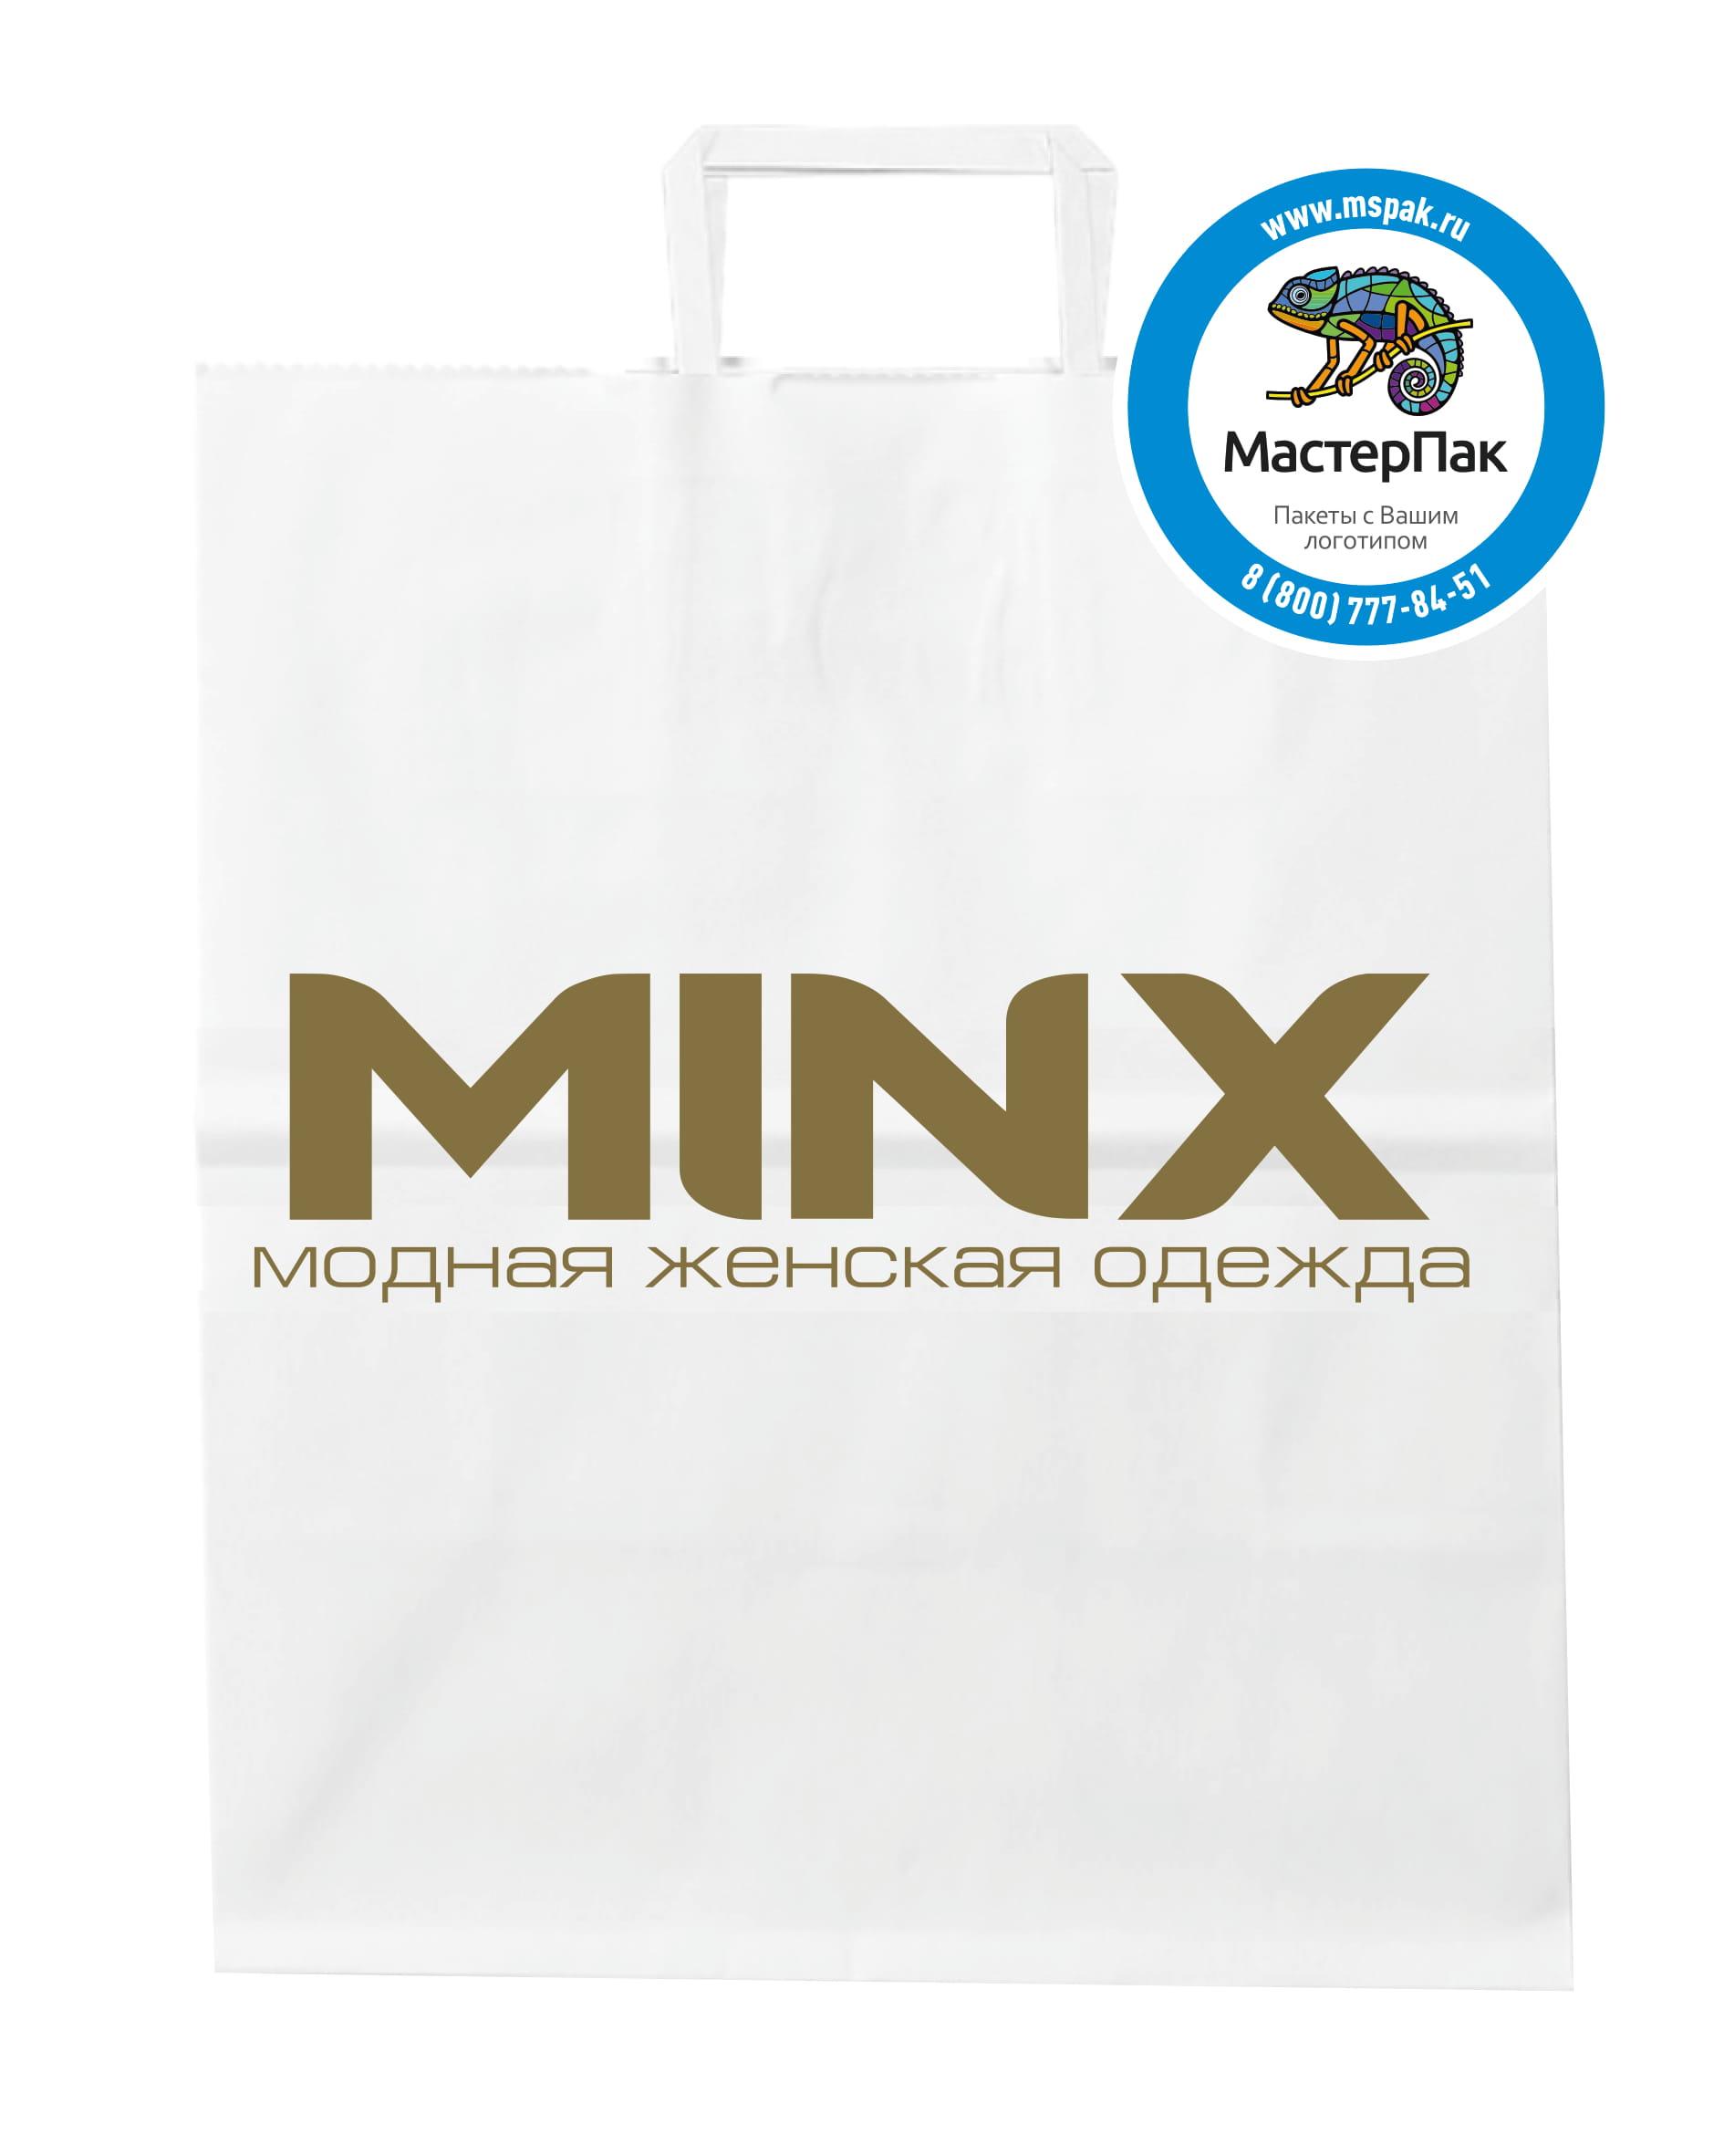 Пакет крафт, бумажный с логотипом магазина Minх, Грозный